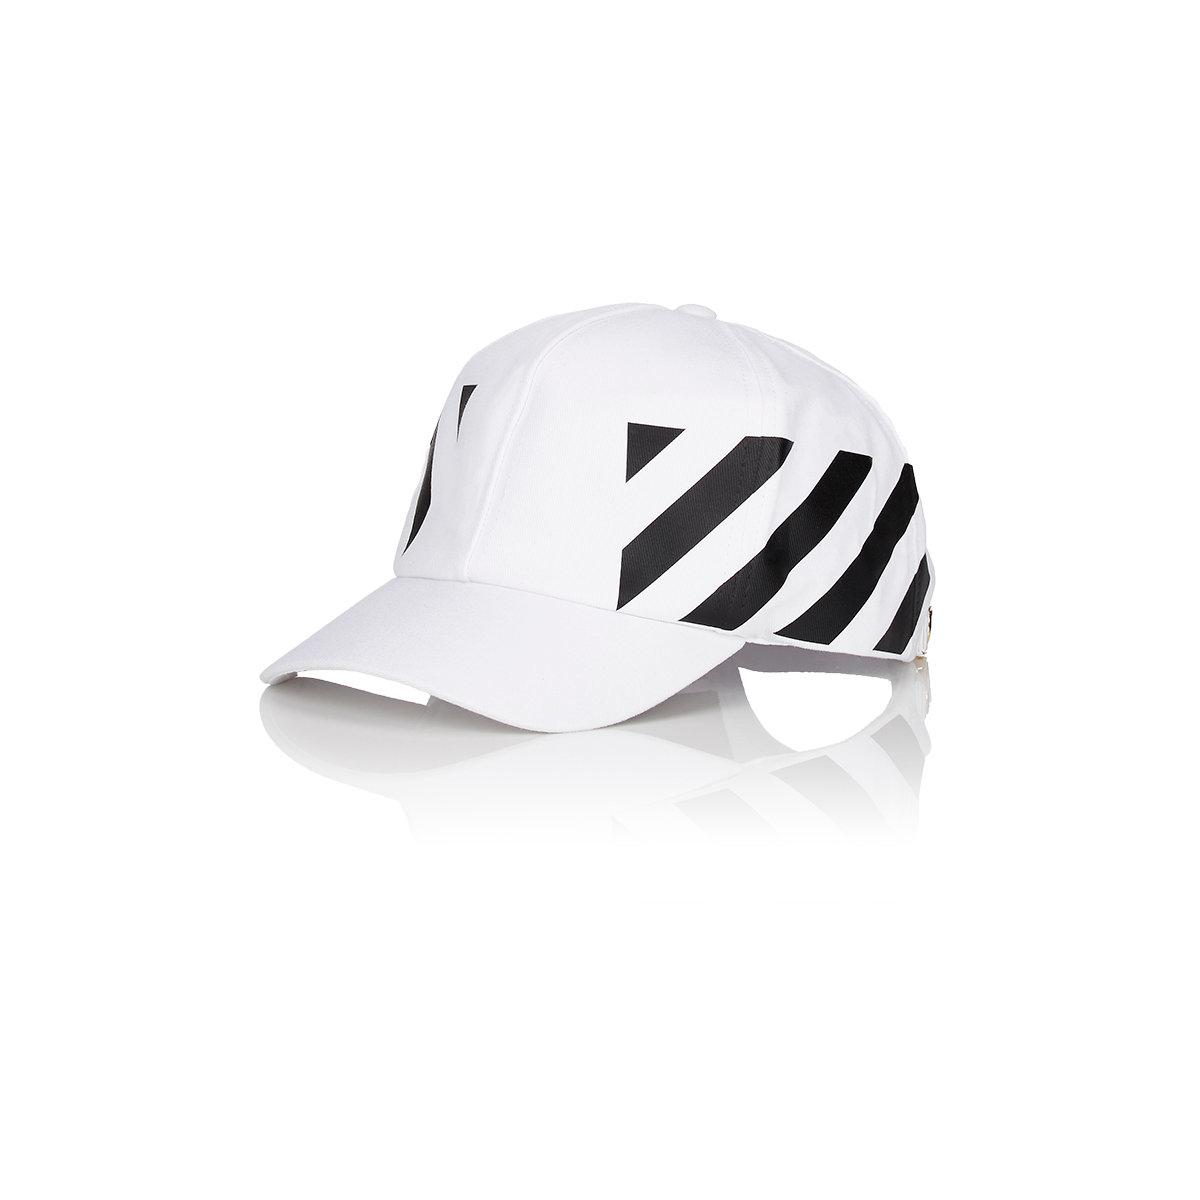 452ecbd0e494c8 Off-White c/o Virgil Abloh Striped Baseball Cap in White for Men - Lyst